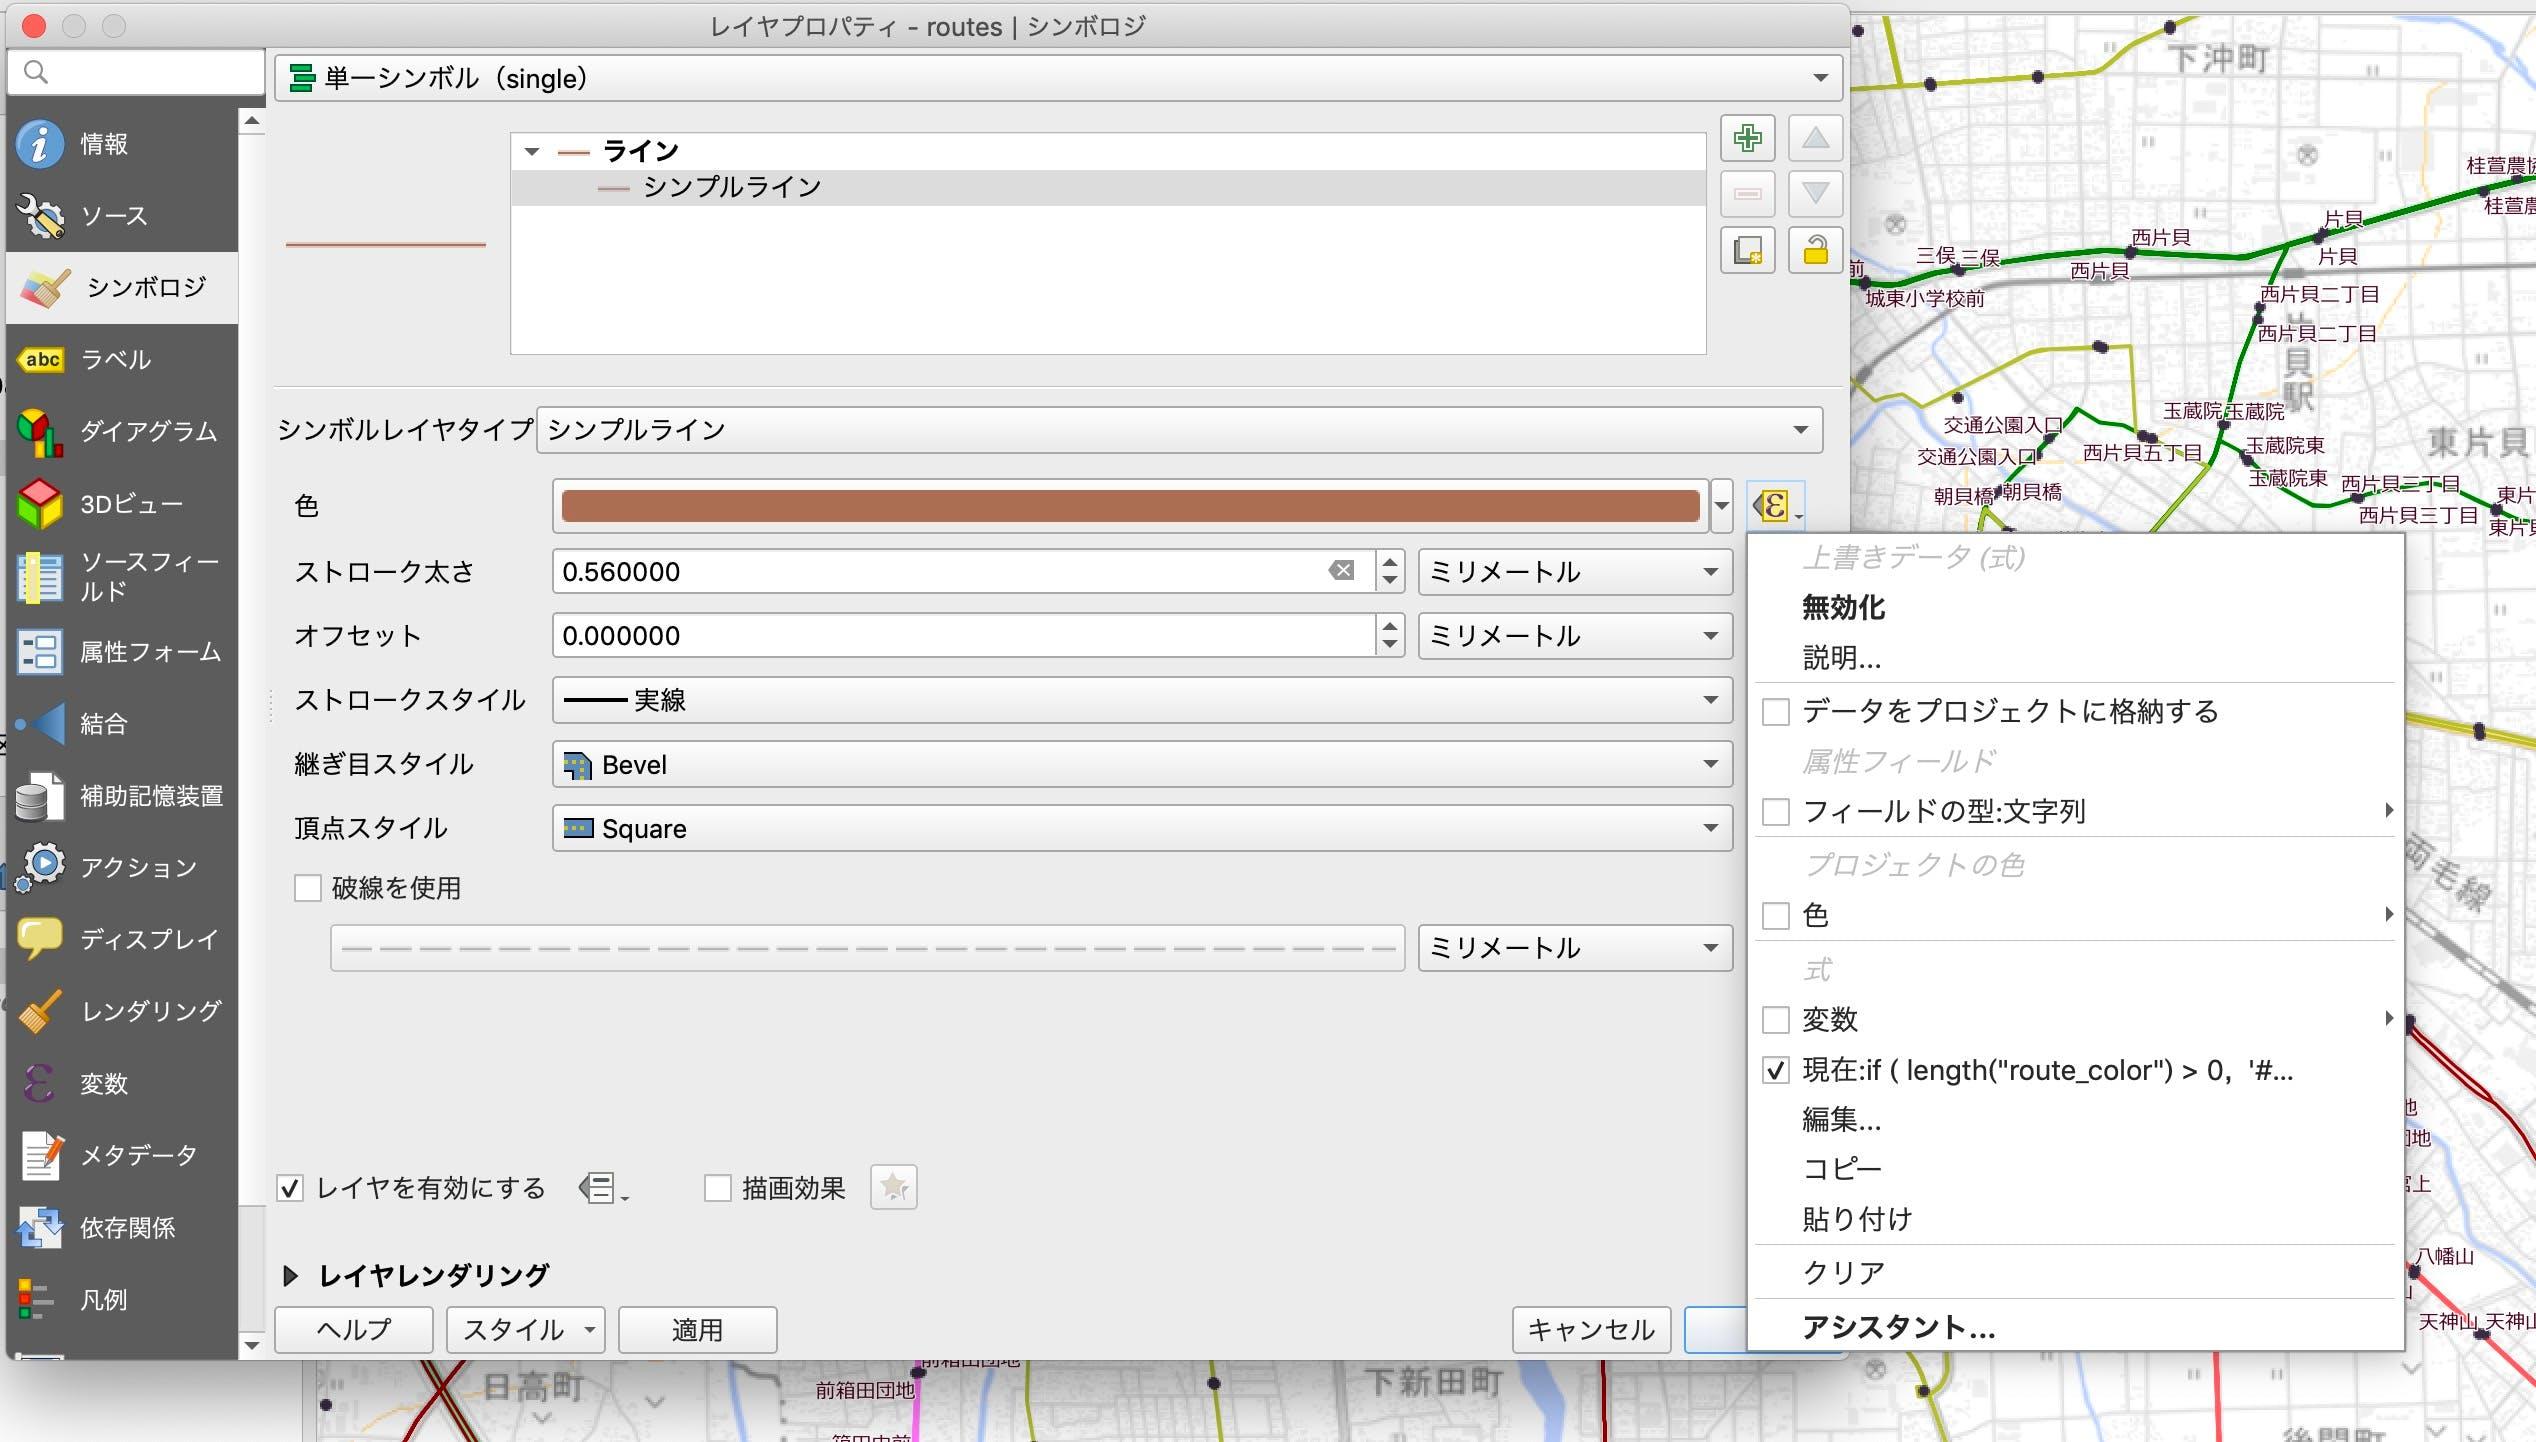 路線データの色設定方法